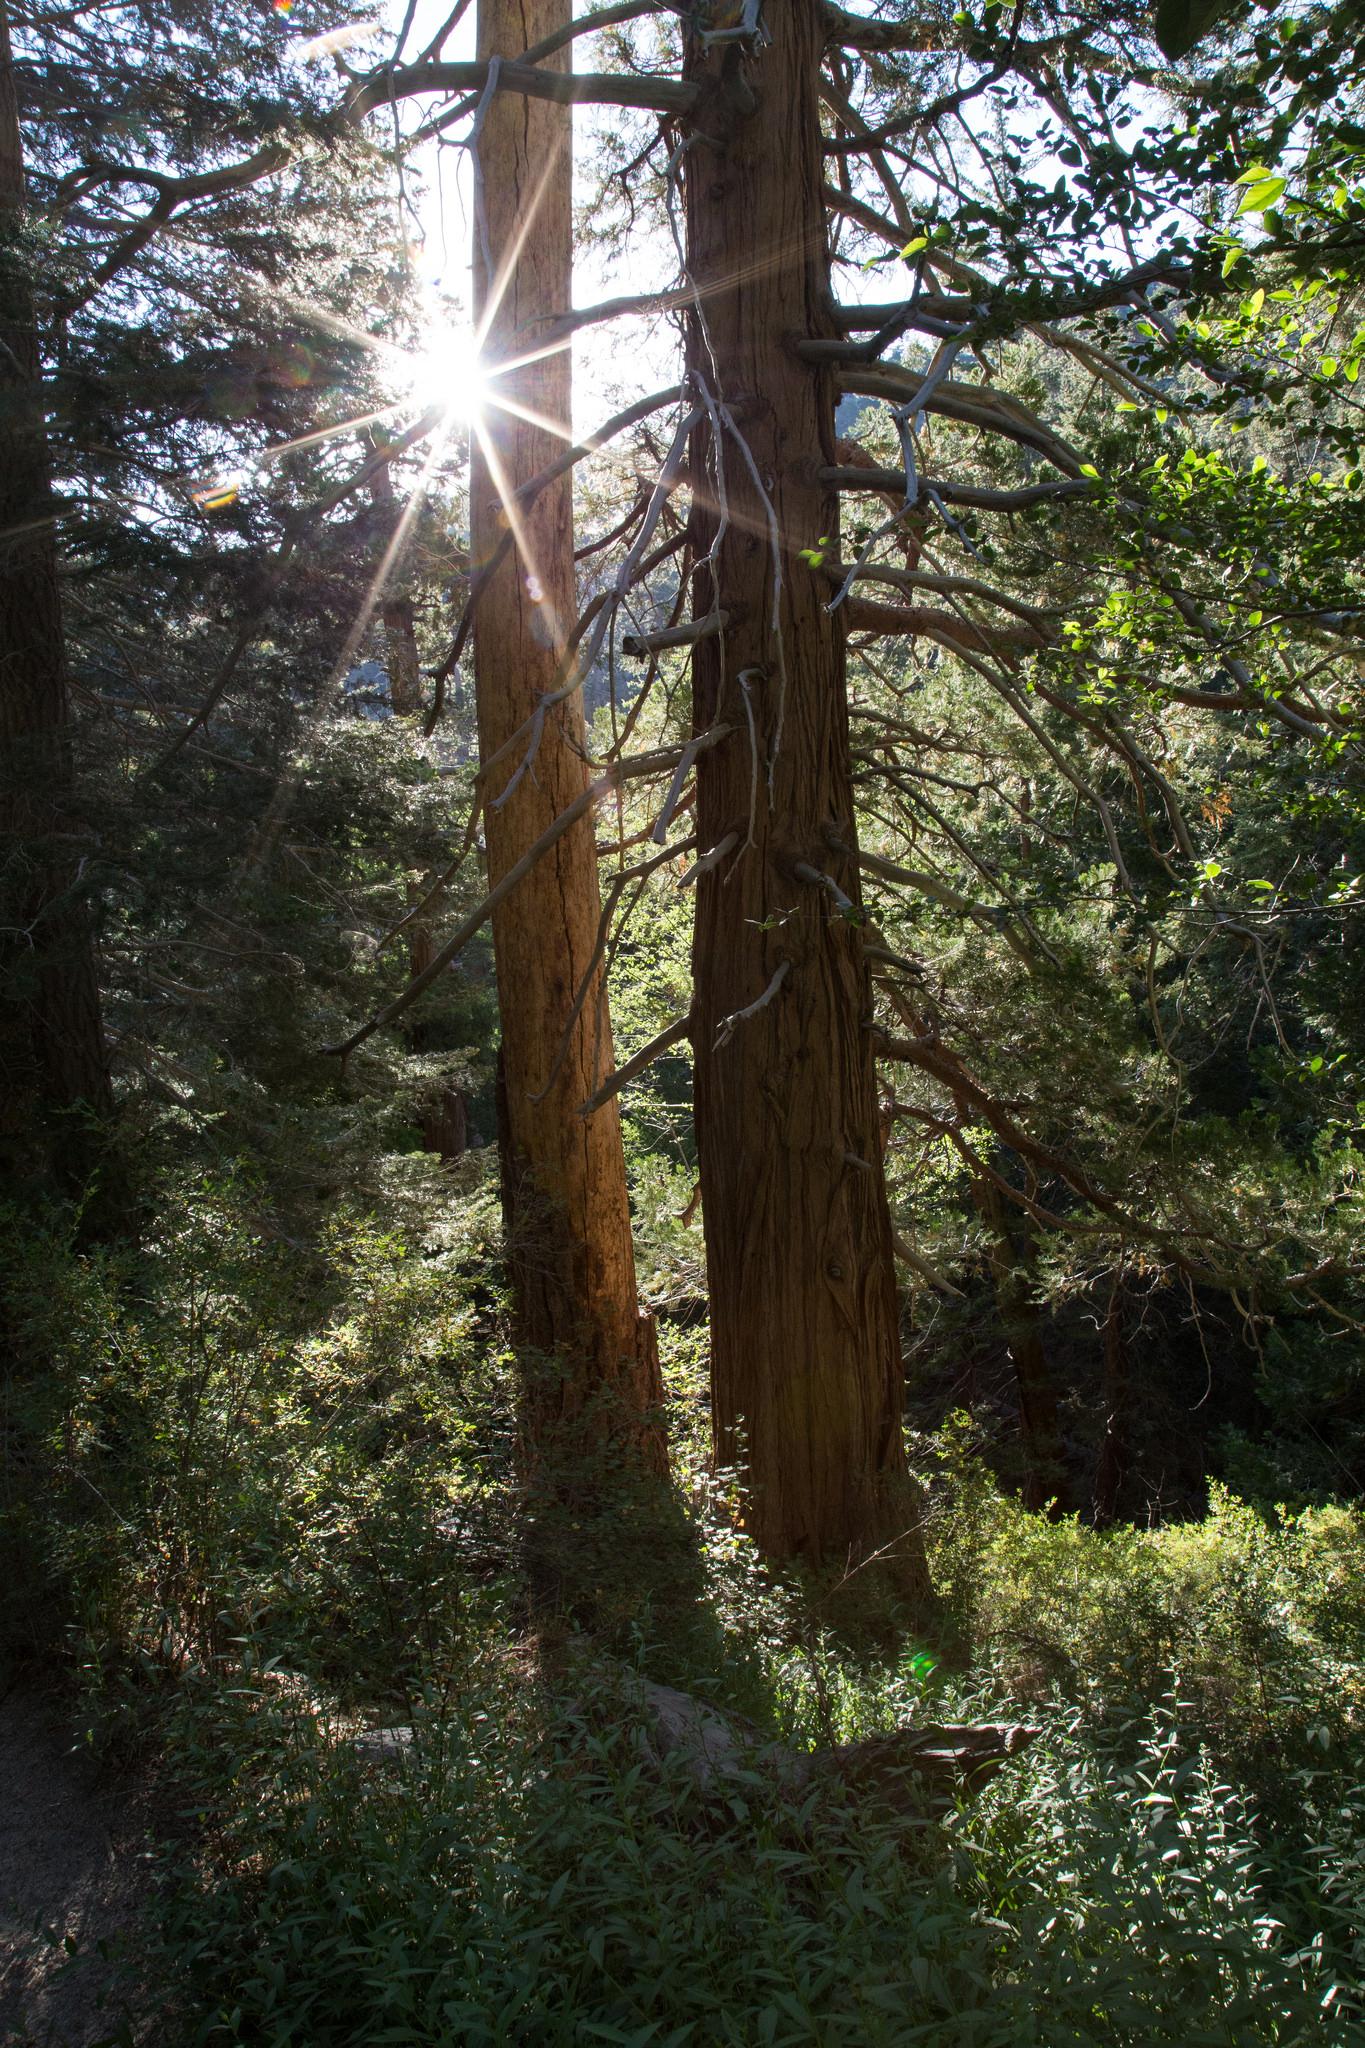 Morning starburst through towering trees.